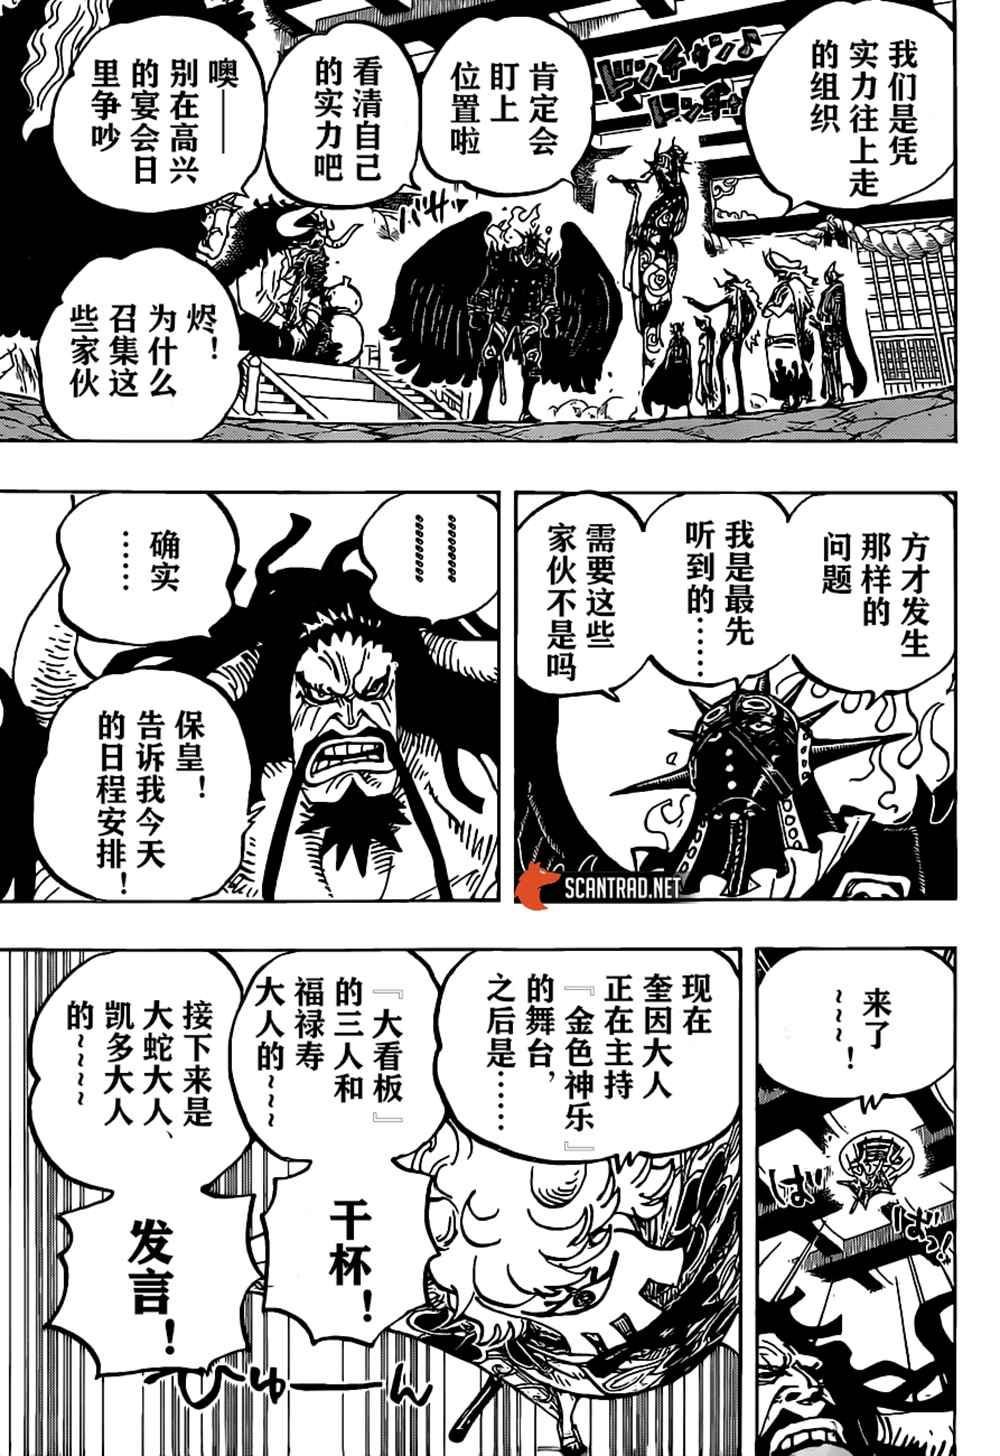 海賊王: 979话 家族问题 - 第12页